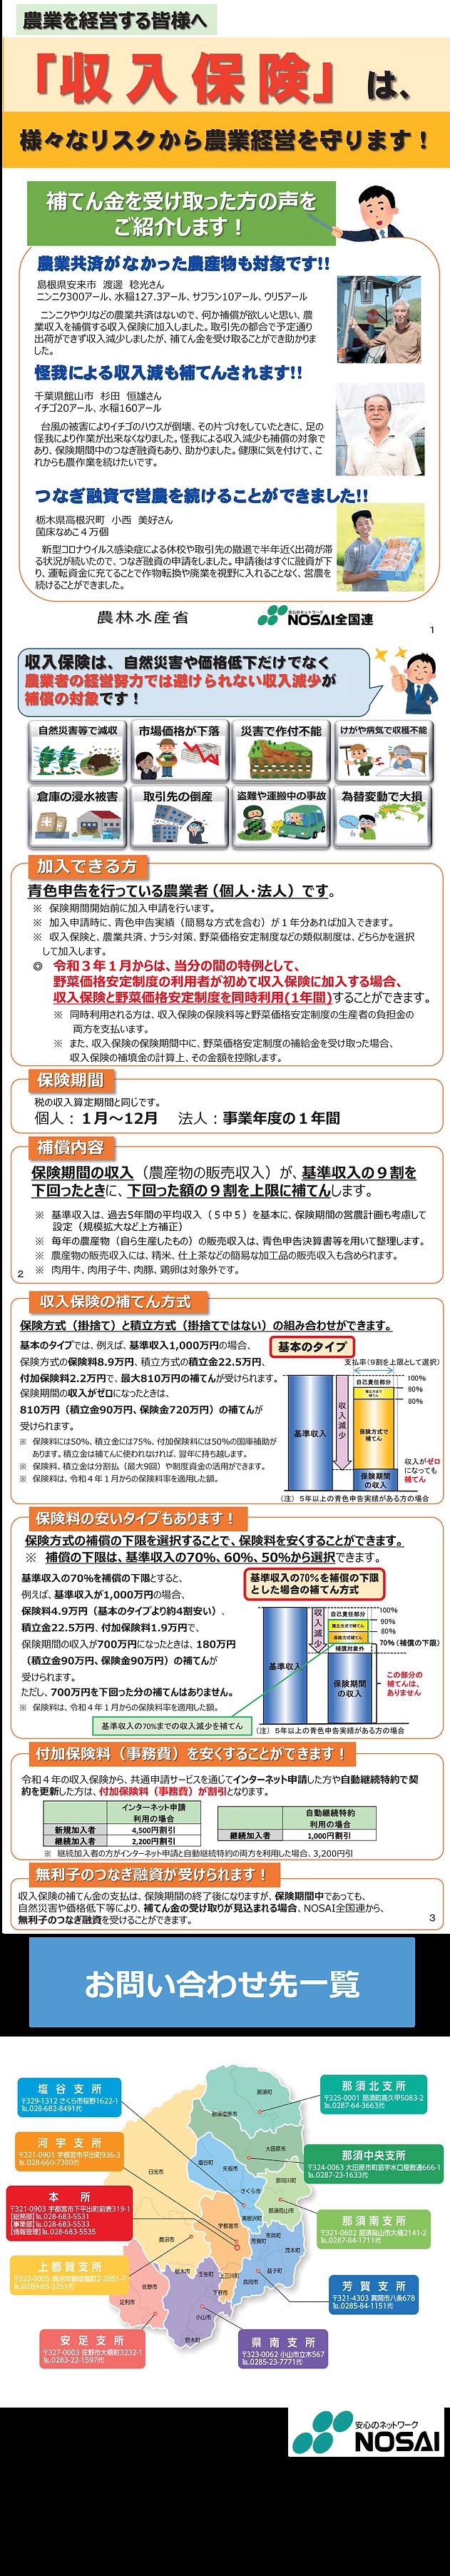 00収入保険制度概要(2021.08.png